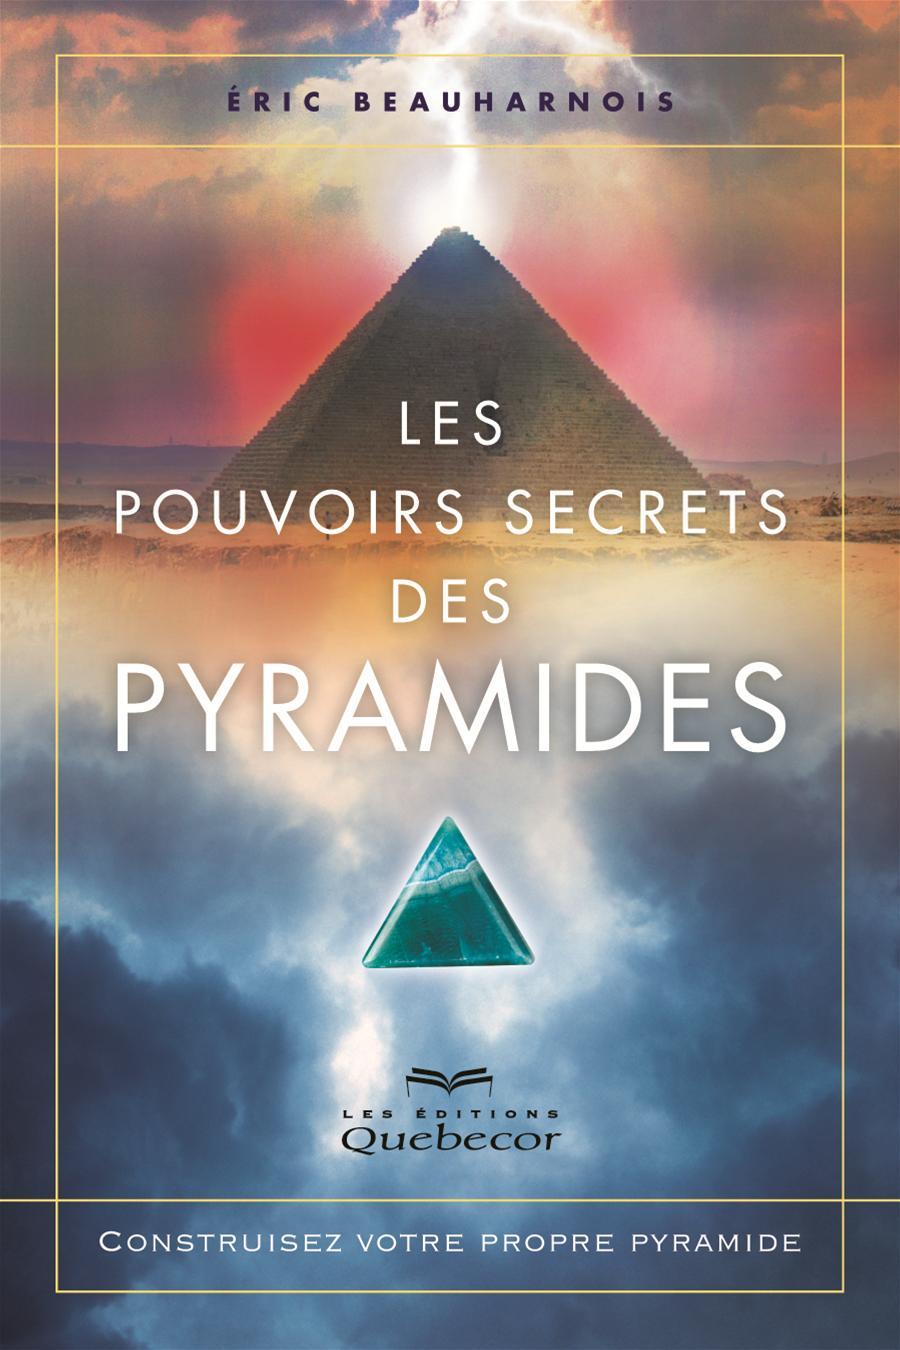 Les pouvoirs secrets des pyramides